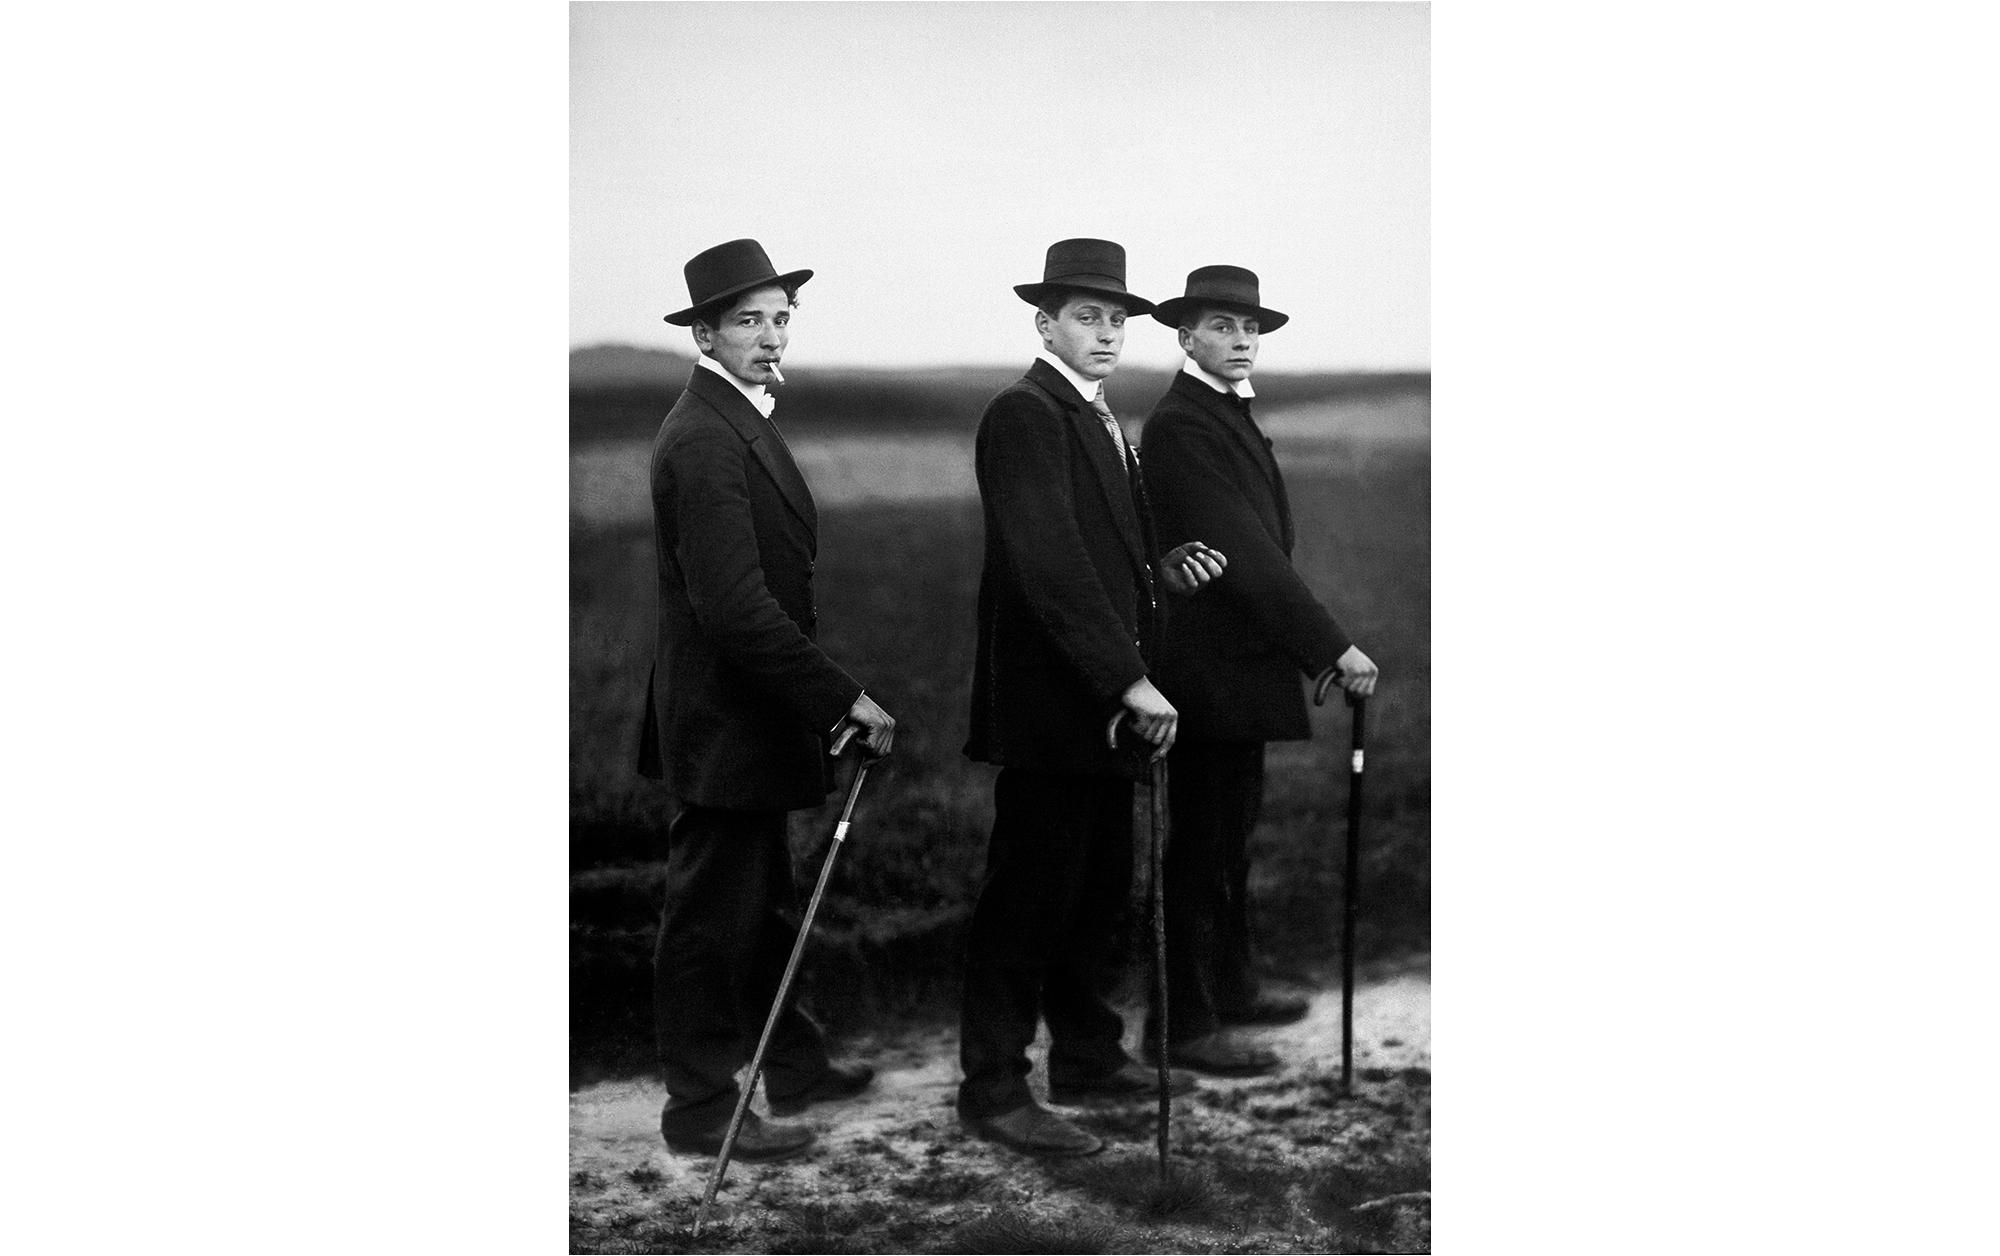 アウグスト・ザンダー「ポートレイトで世界を把握しようとした男」 | Young Farmers, 1914